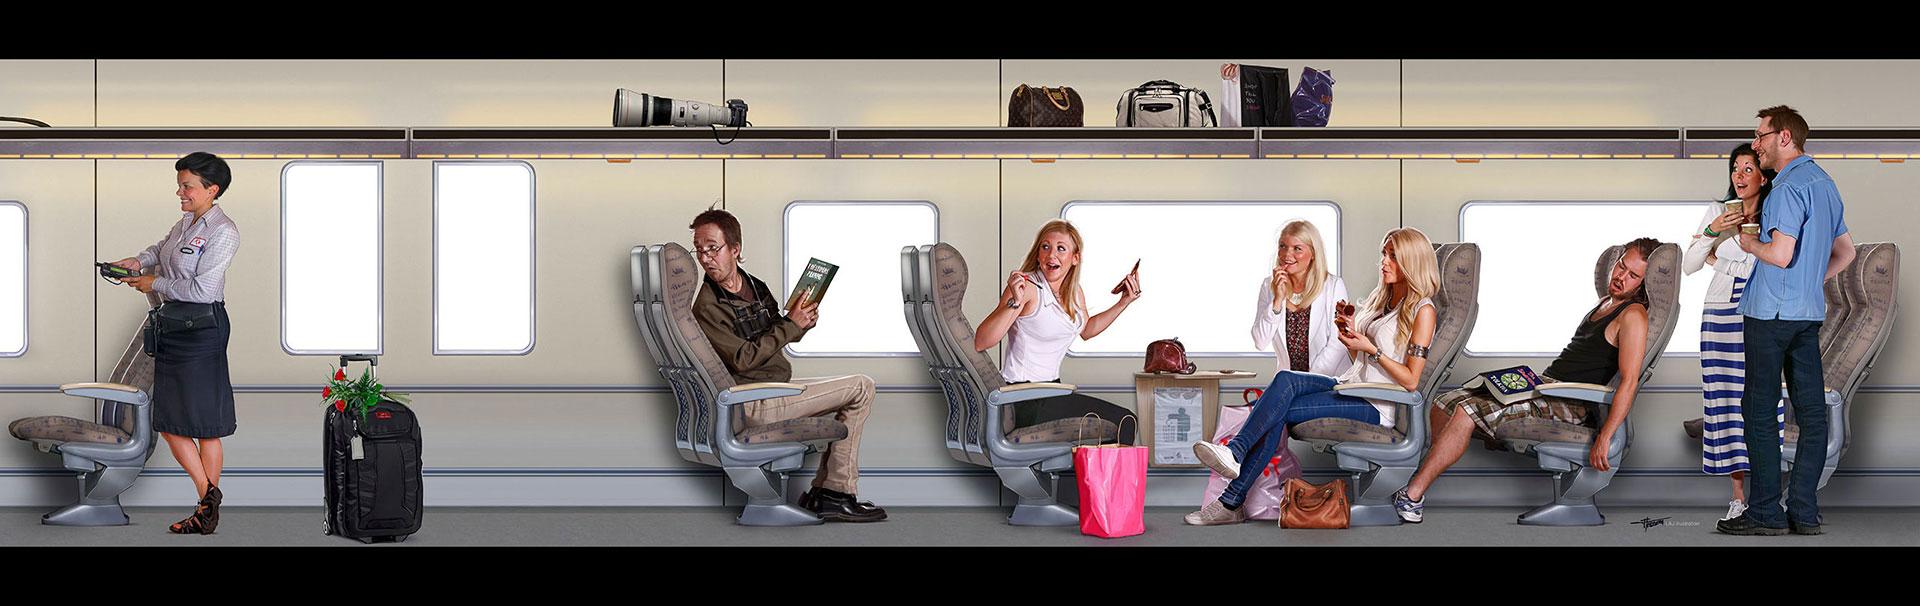 Tågdekor till Tåg i Bergslagen -del 3. Skapad på Laj illustration